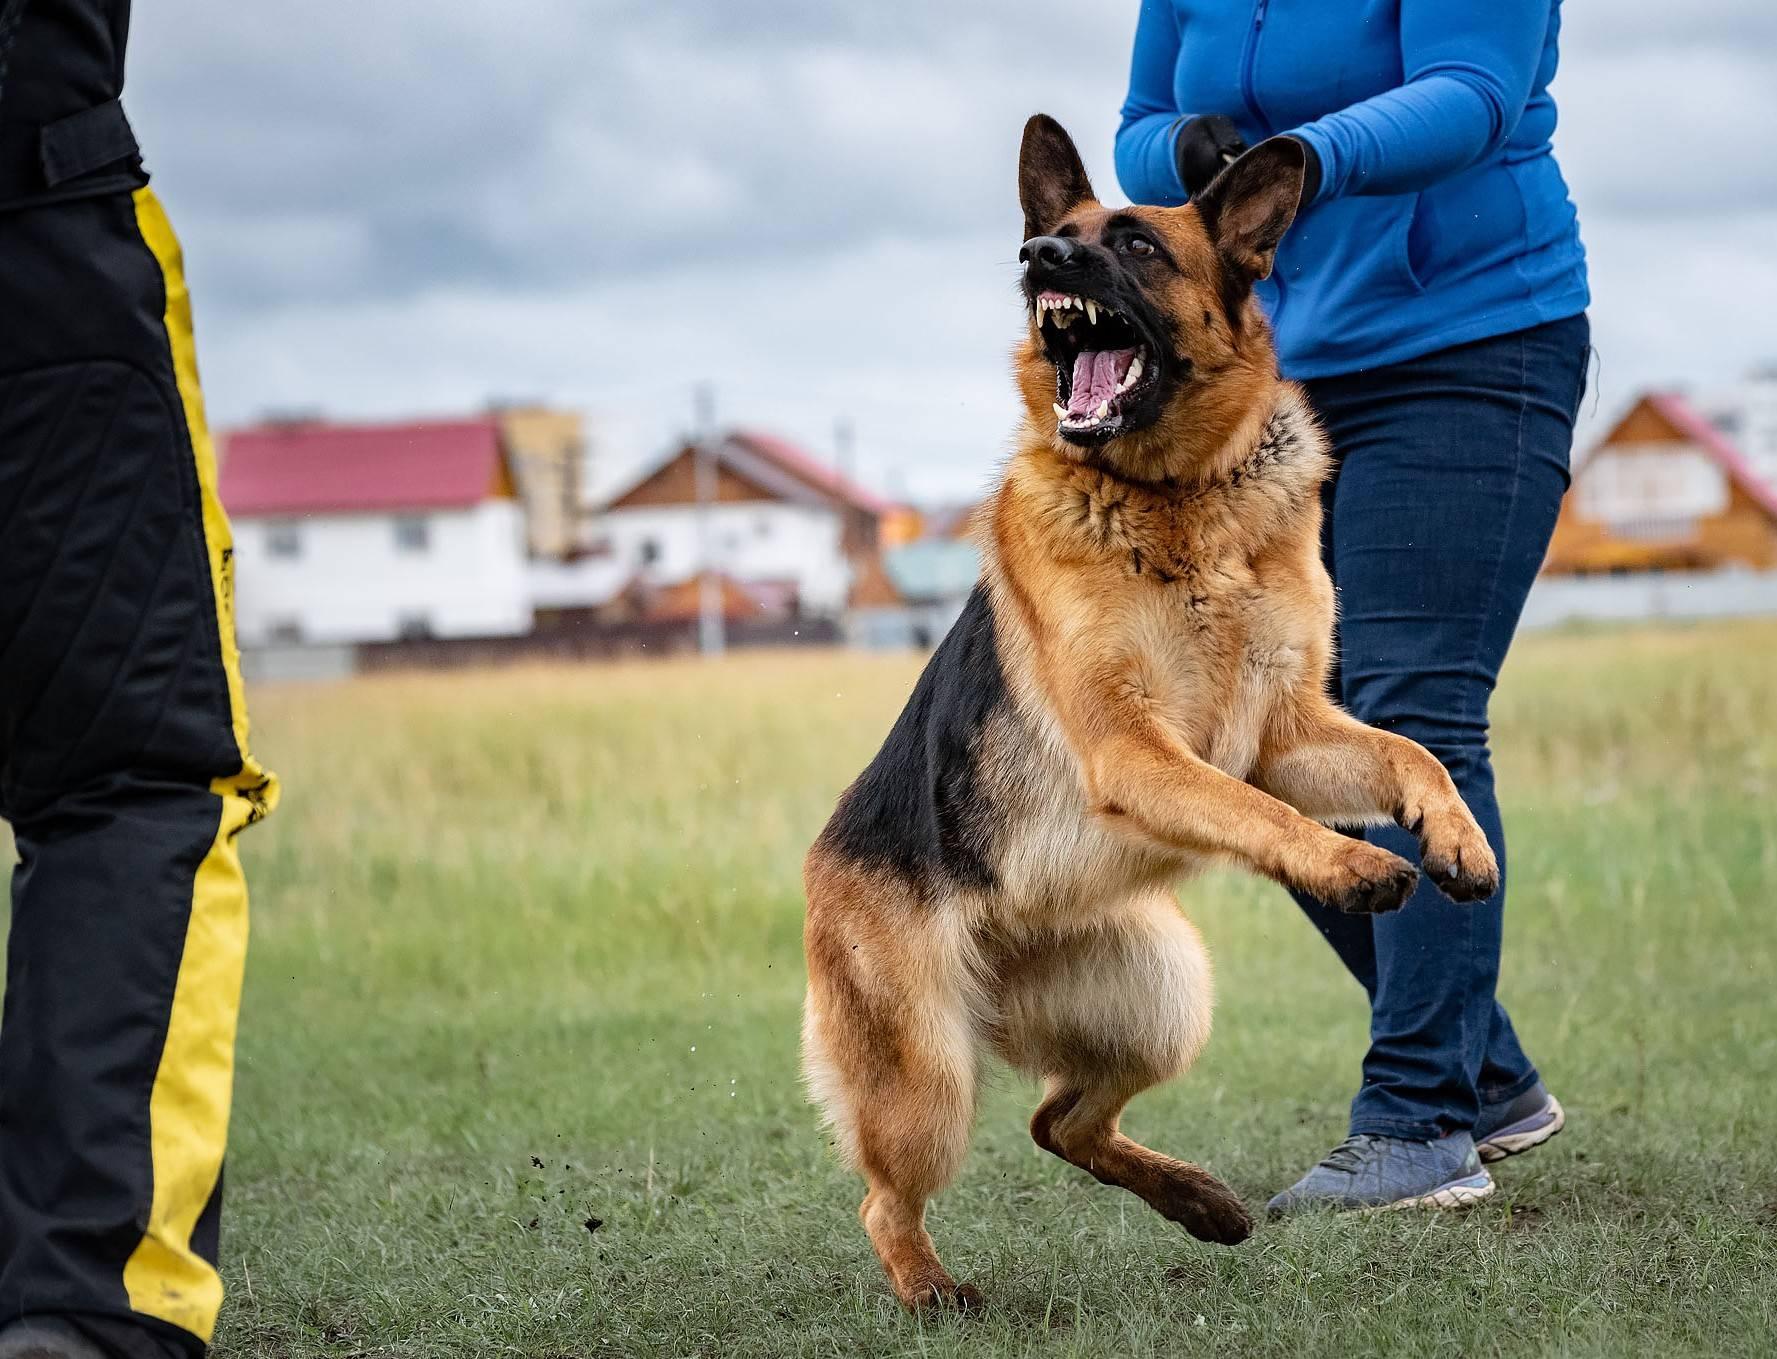 Как научить собаку команде «дай лапу» — разбираем поэтапно с указанием ошибок